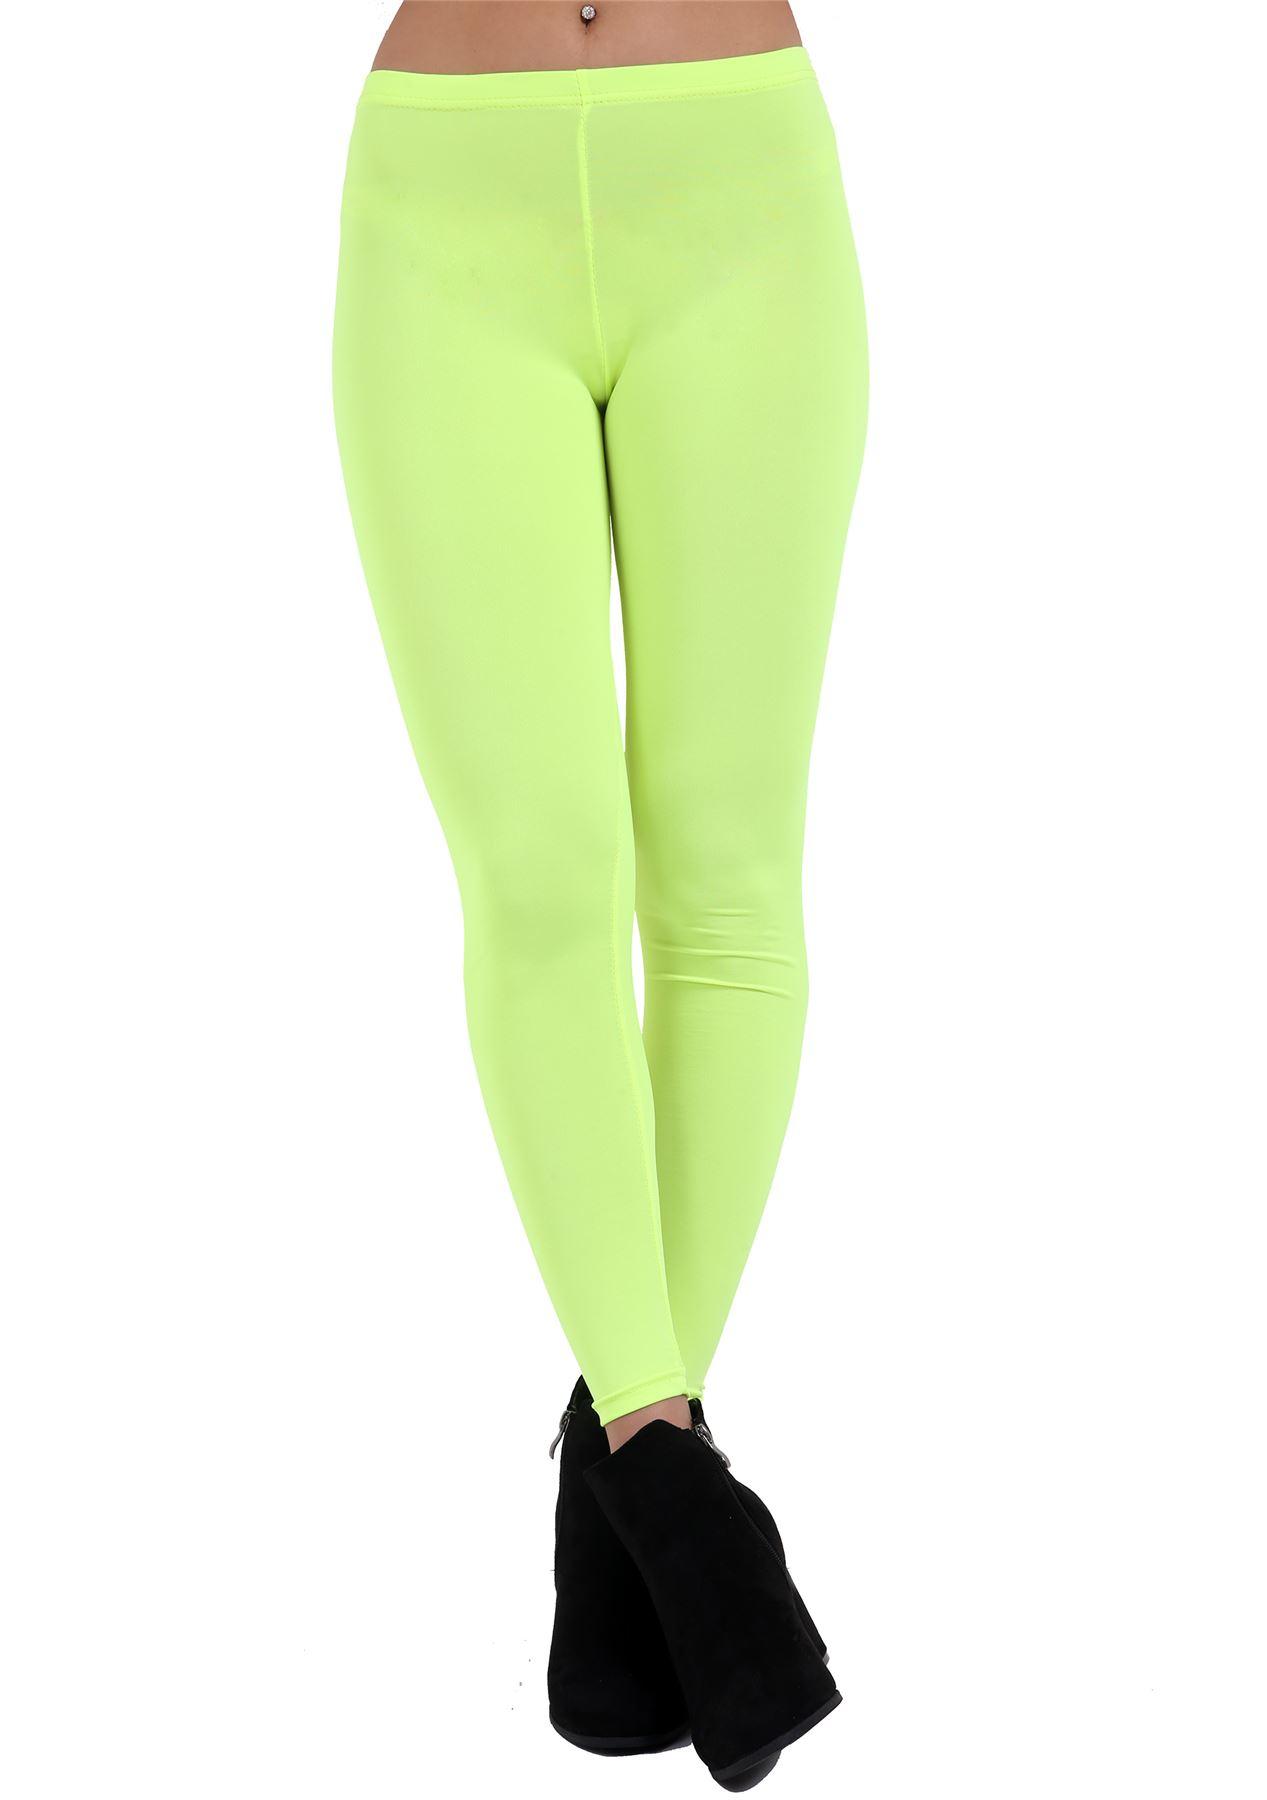 Childrens Fancy Full Length Plain Cotton Legging Girls Sports Party Wear Trouser